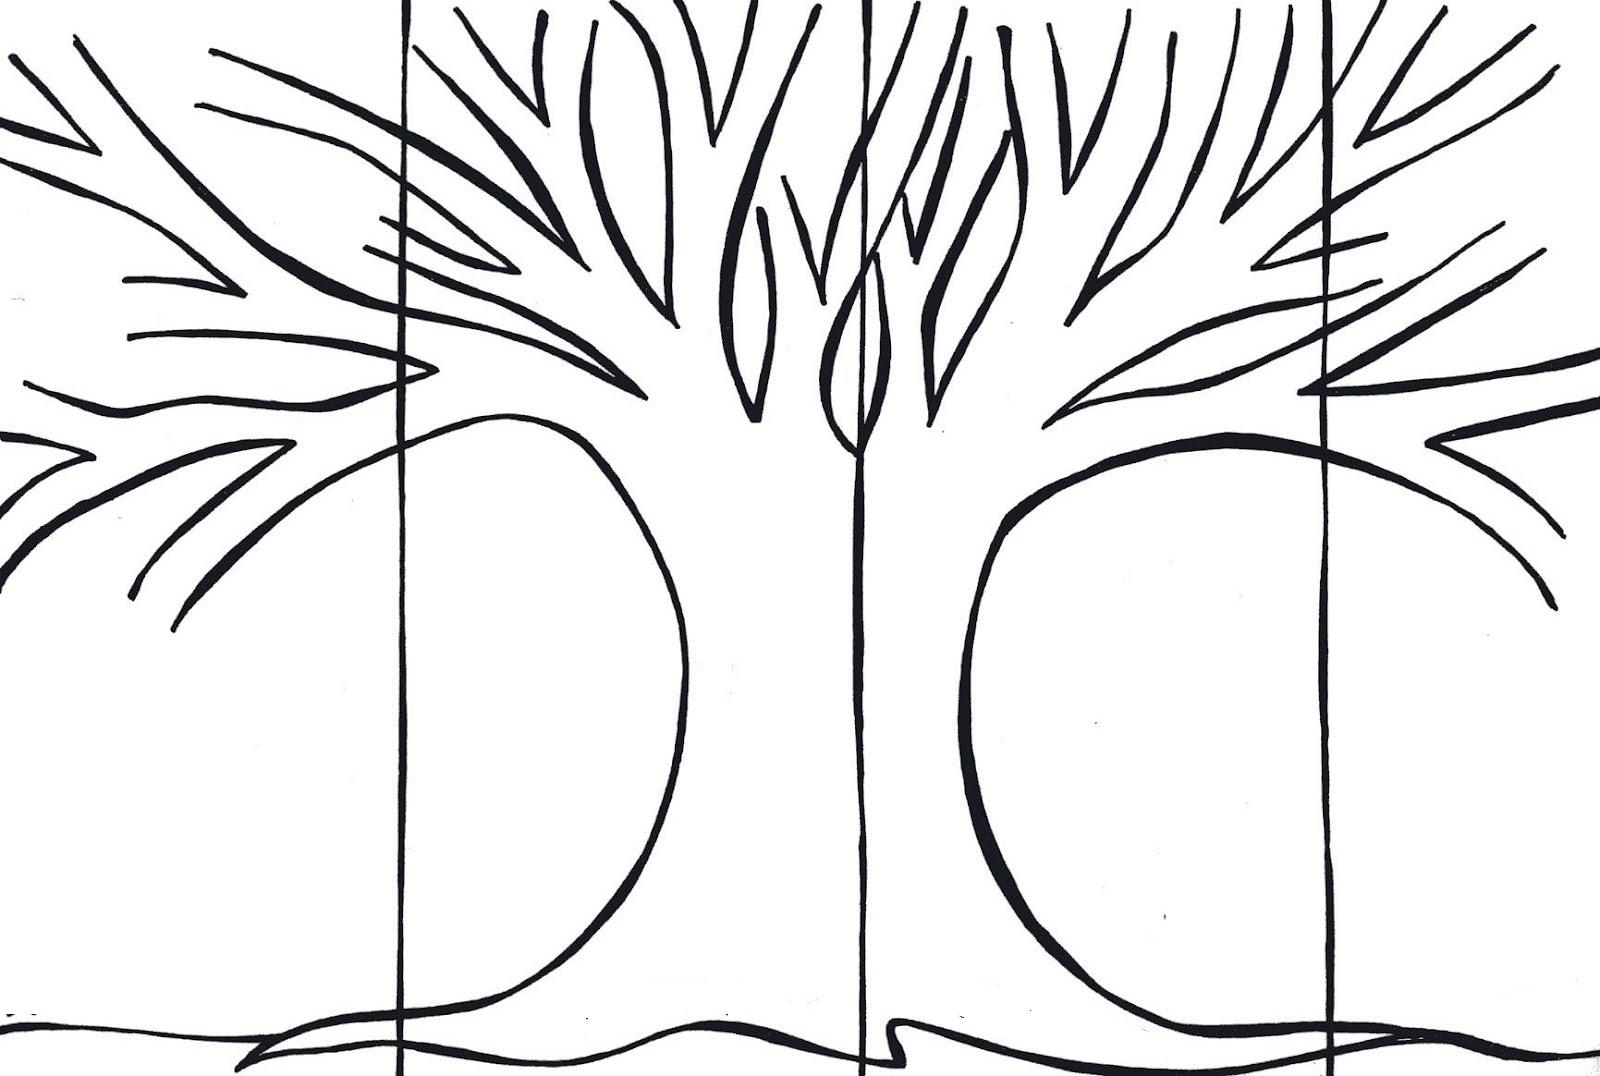 Boberkowy world cztery pory roku konspekt zaj dla 5 for Friendship tree template